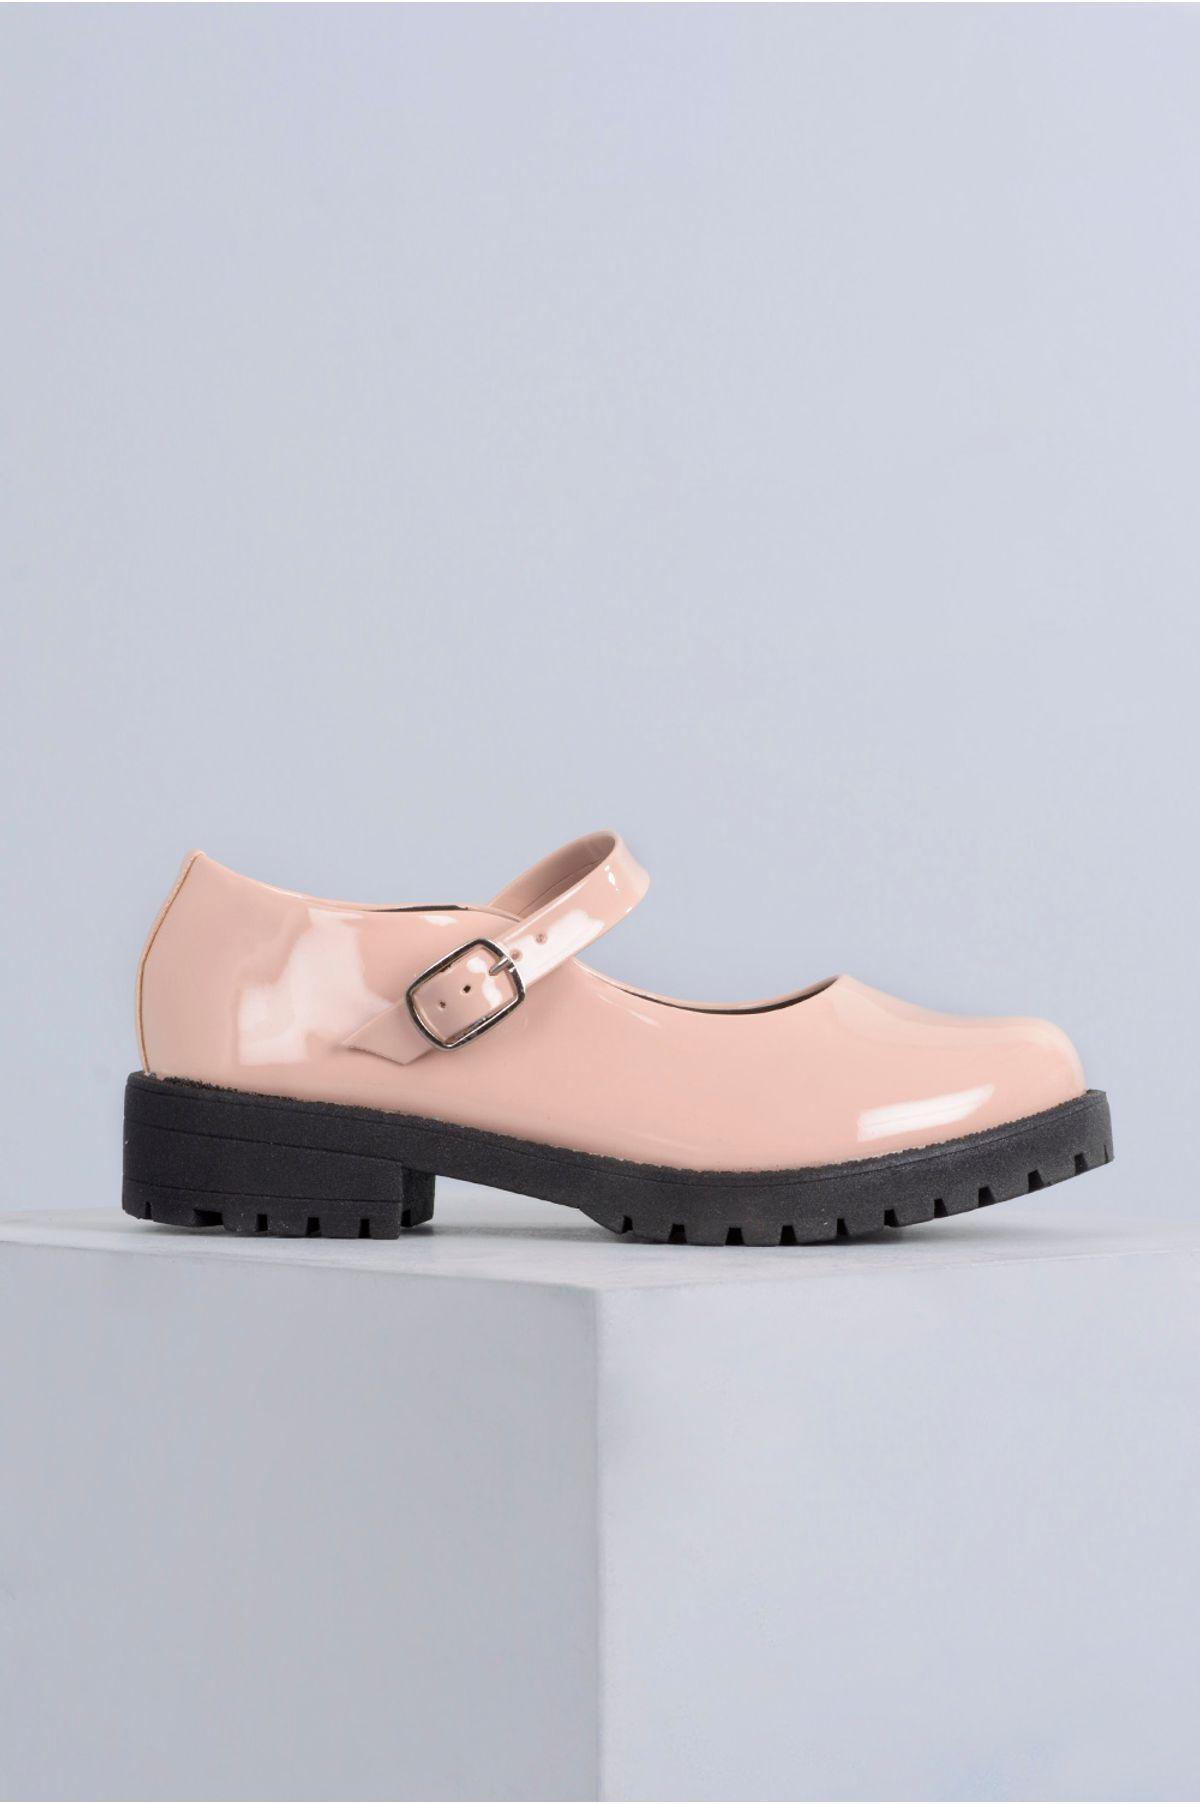 025db98694 Sapato Feminino Boneca Cleo Mundial VERNIZ - BEGE - Mundial Calçados